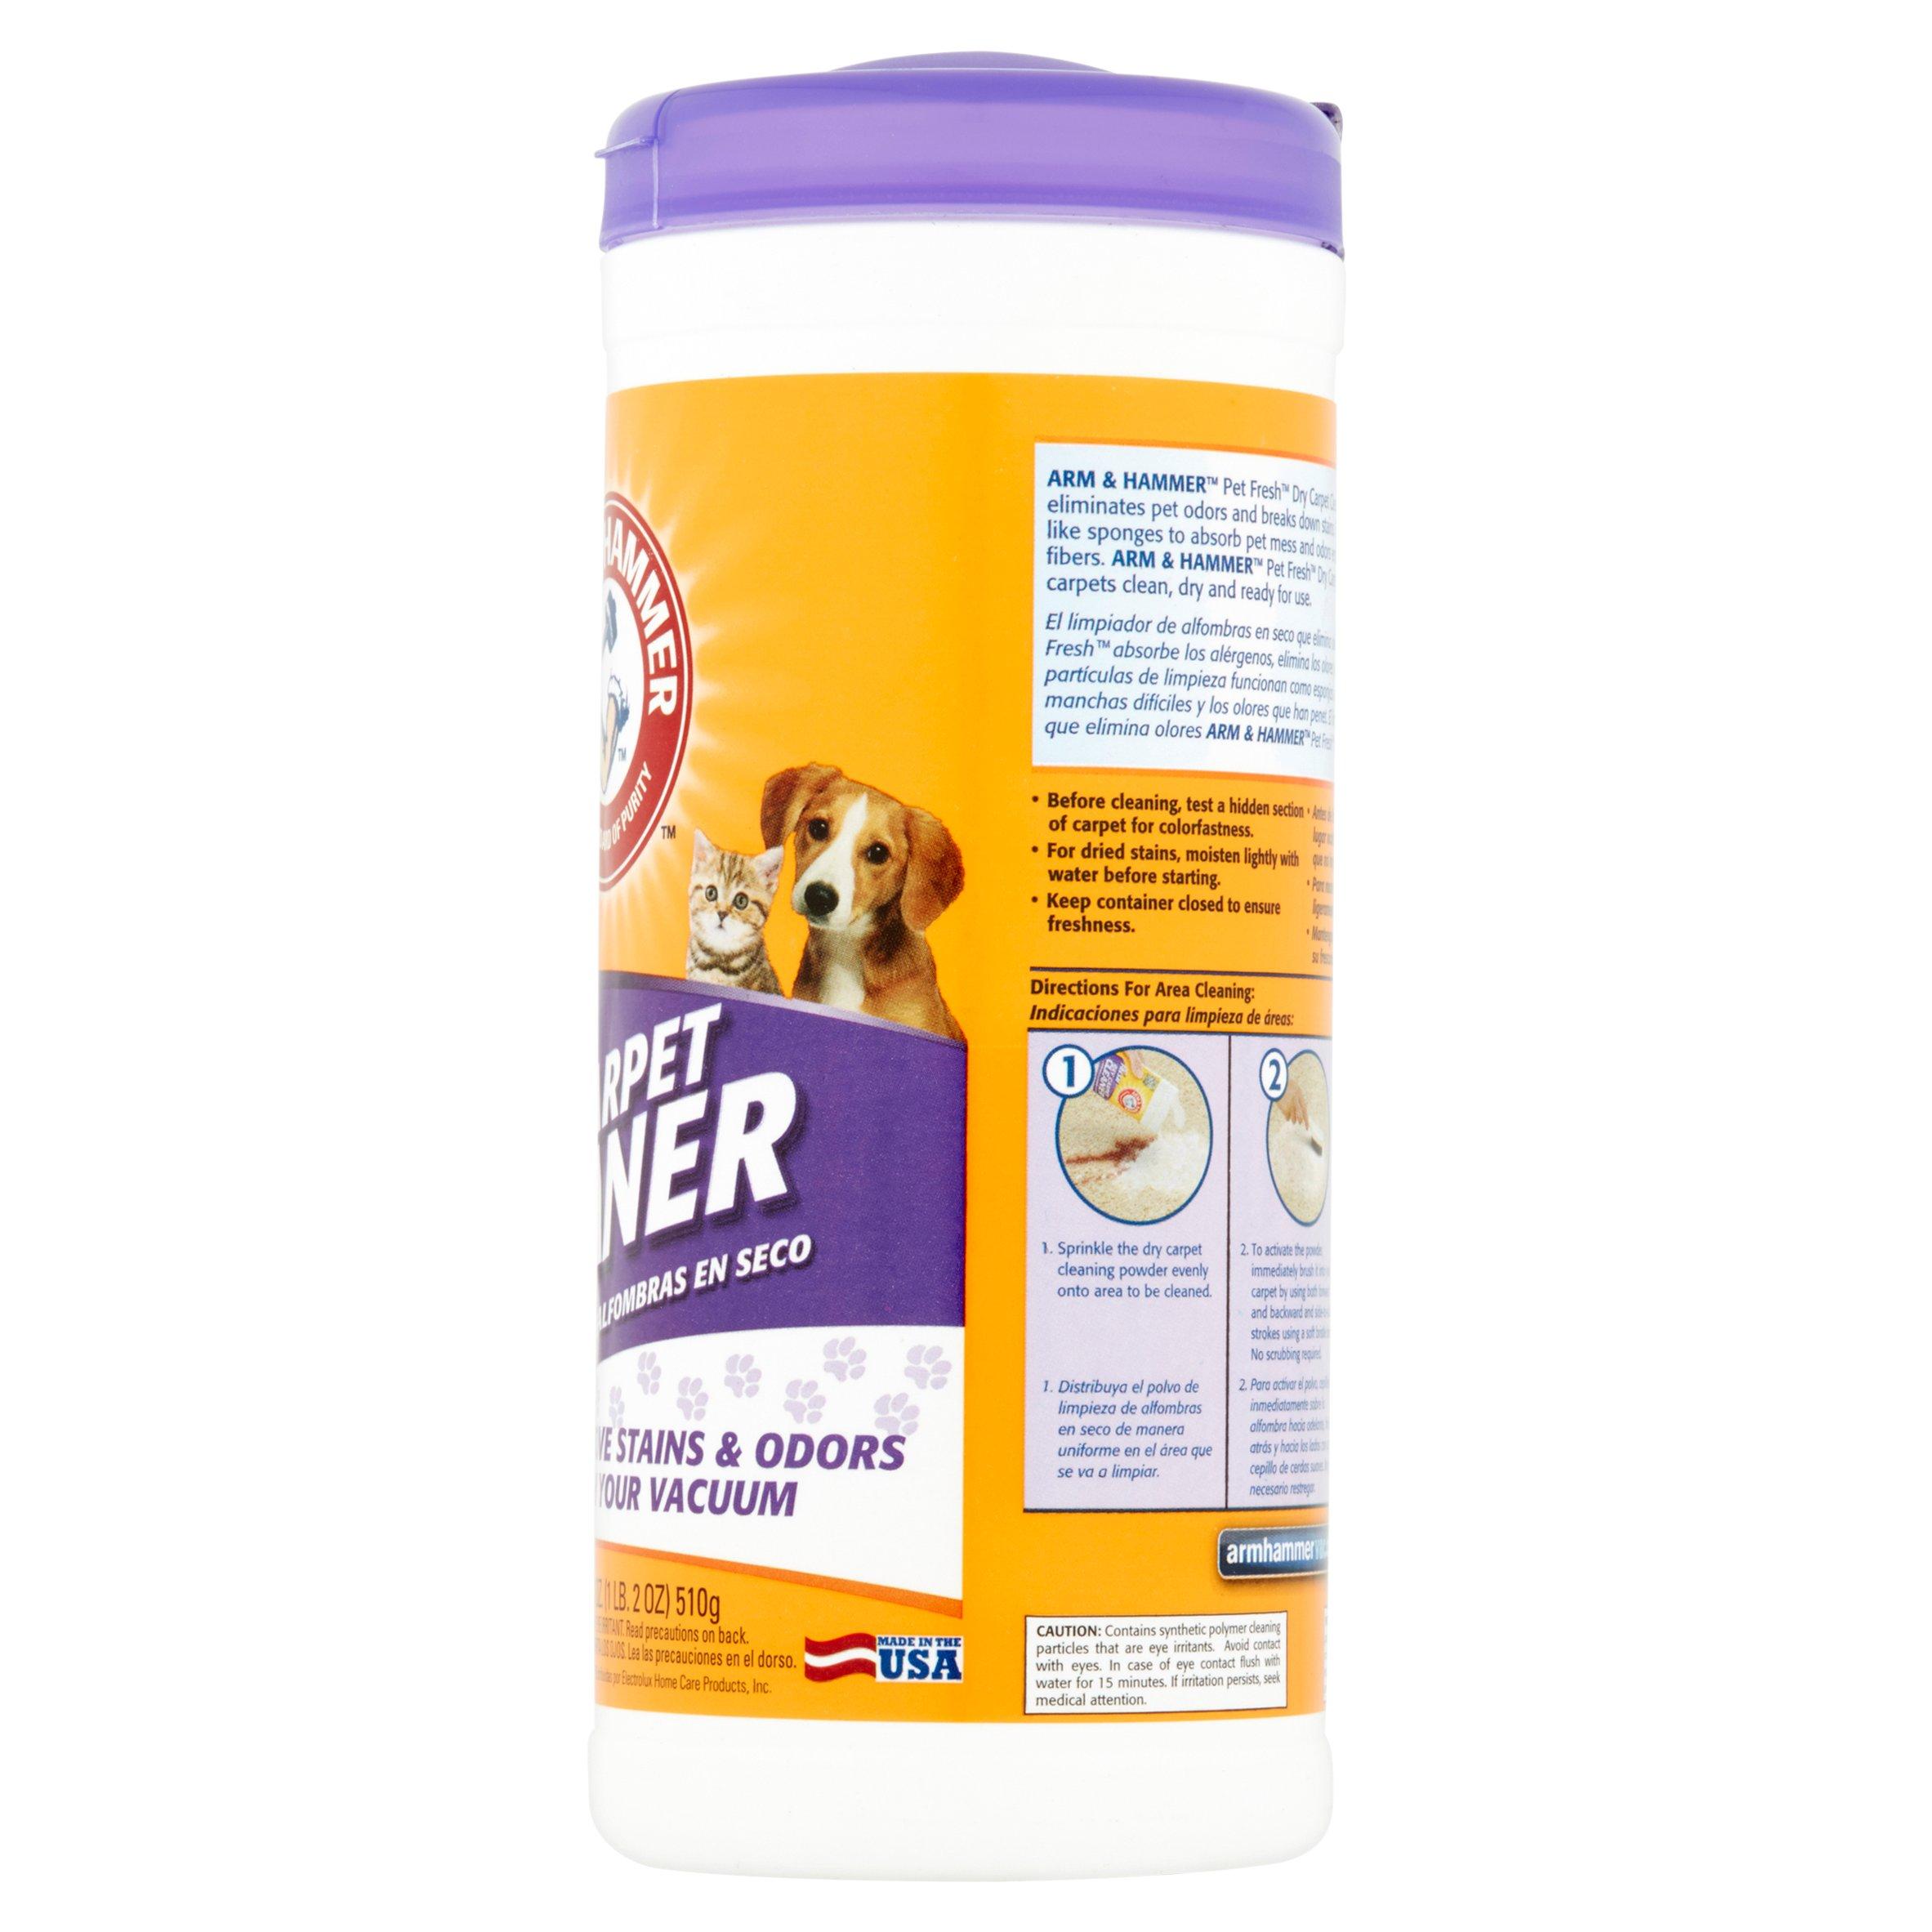 Limpiador De Alfombras En Seco Simple Limpiar Y Desinfectar  ~ Productos Para Limpiar Alfombras En Seco